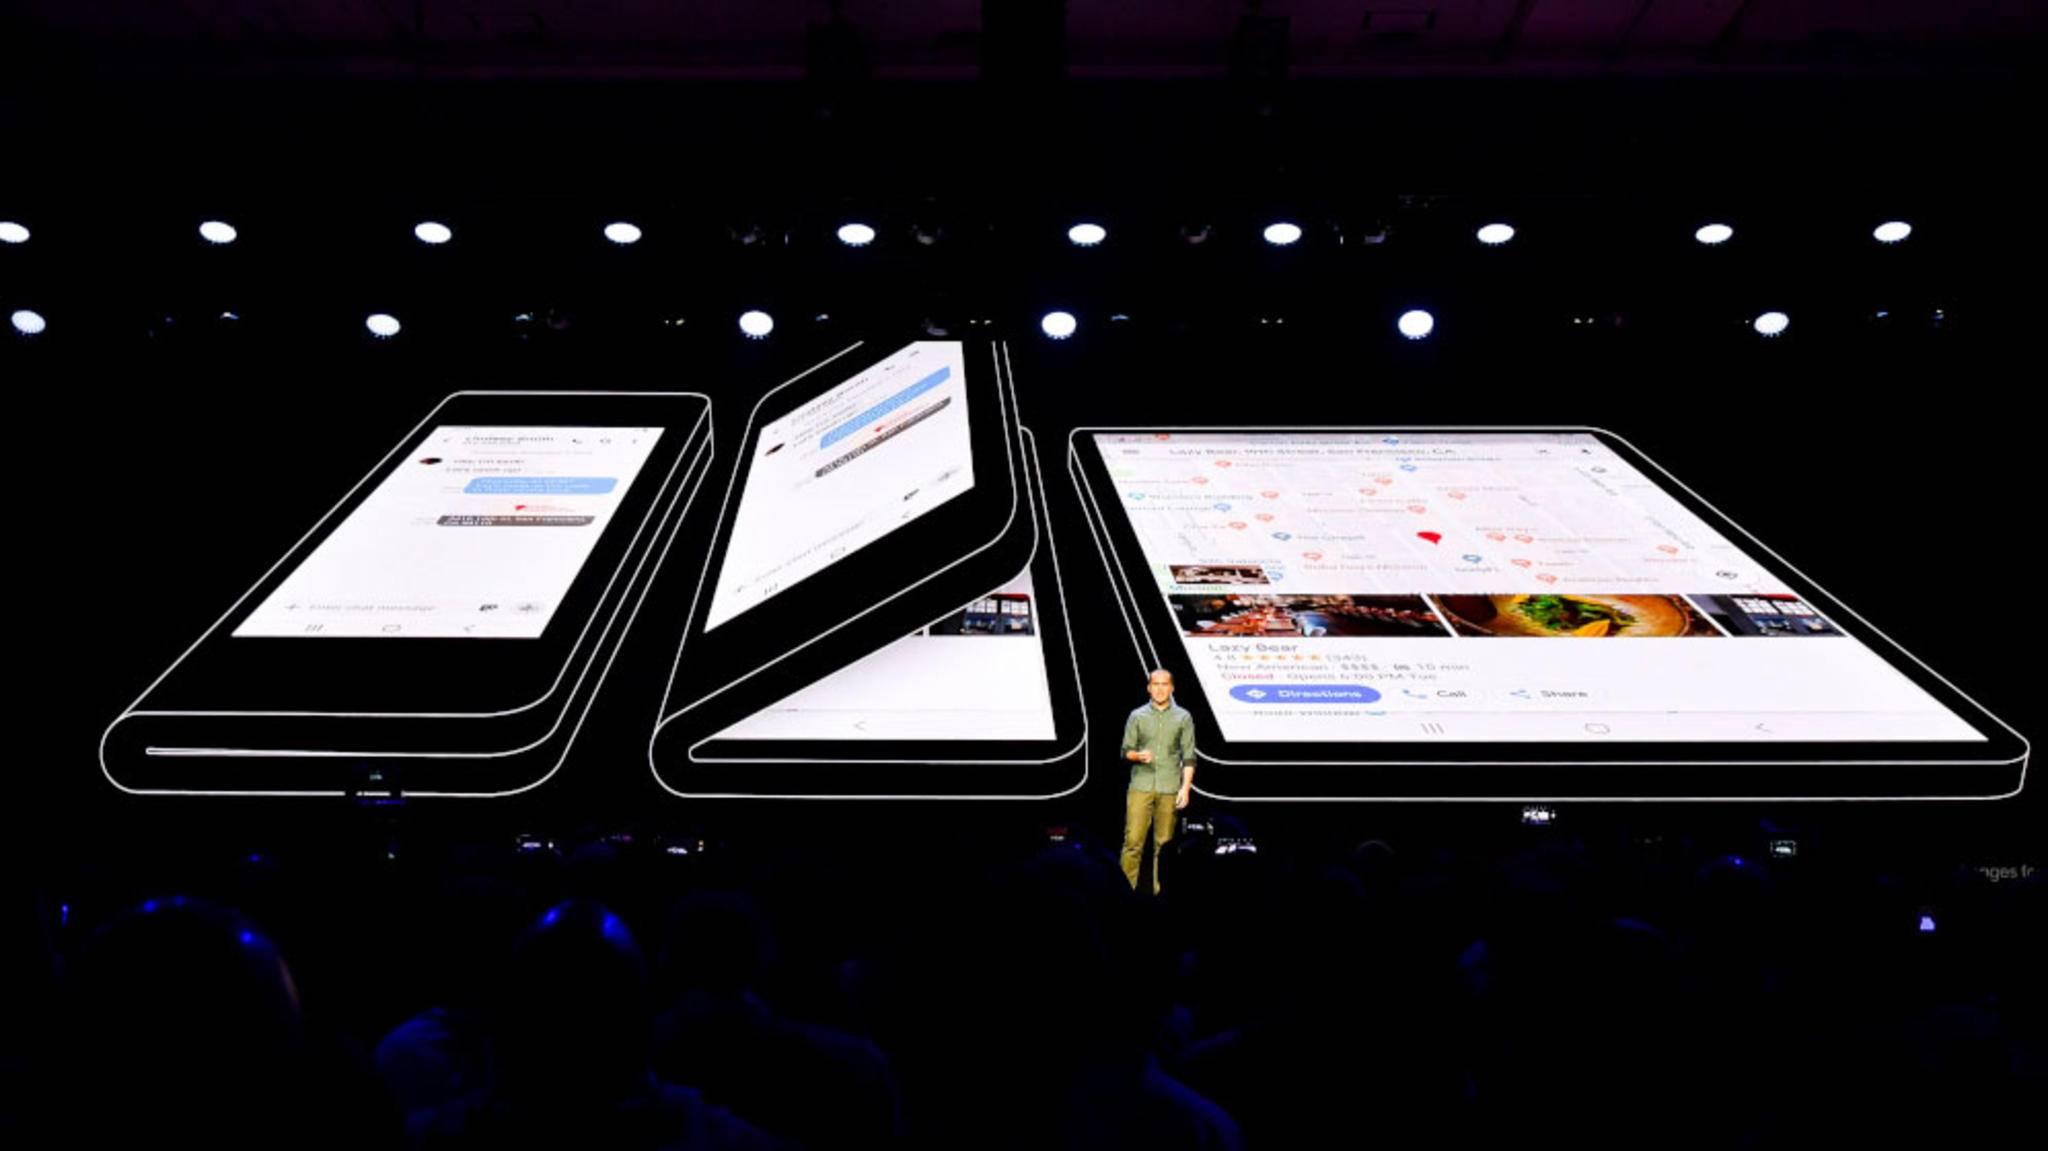 Wie das Samsung Galaxy S10 Plus soll das Galaxy Fold eine Triple-Kamera bieten.